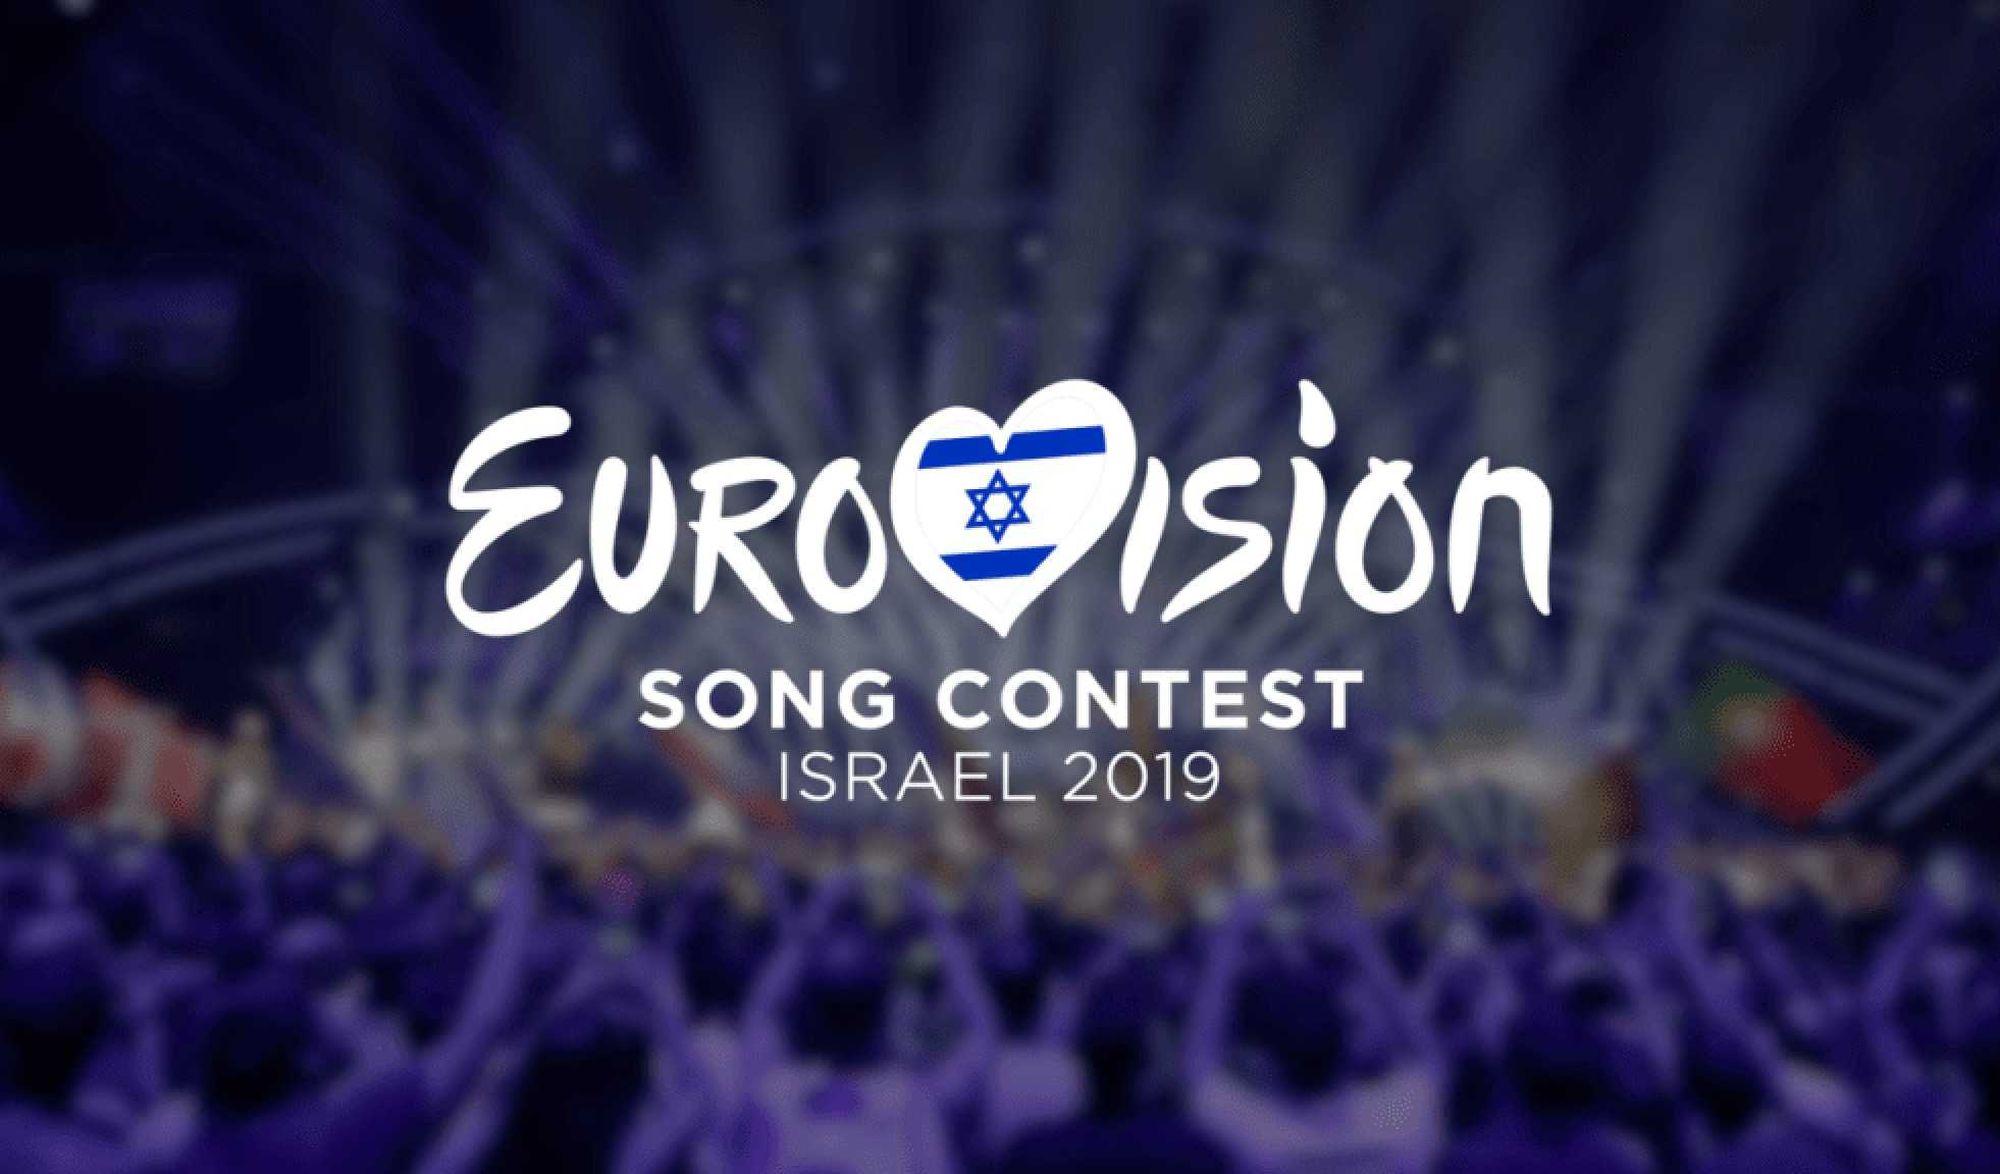 eurovision 2019 - photo #7